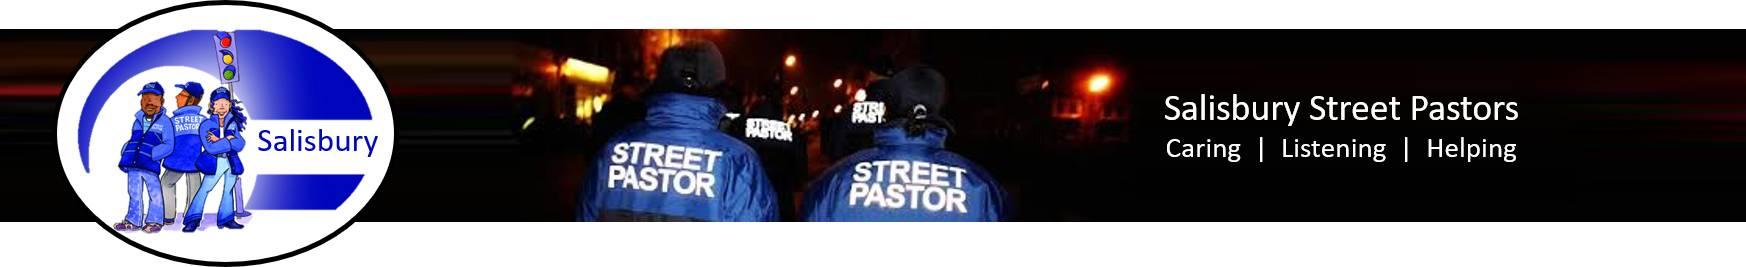 Salisbury Street Pastor banner